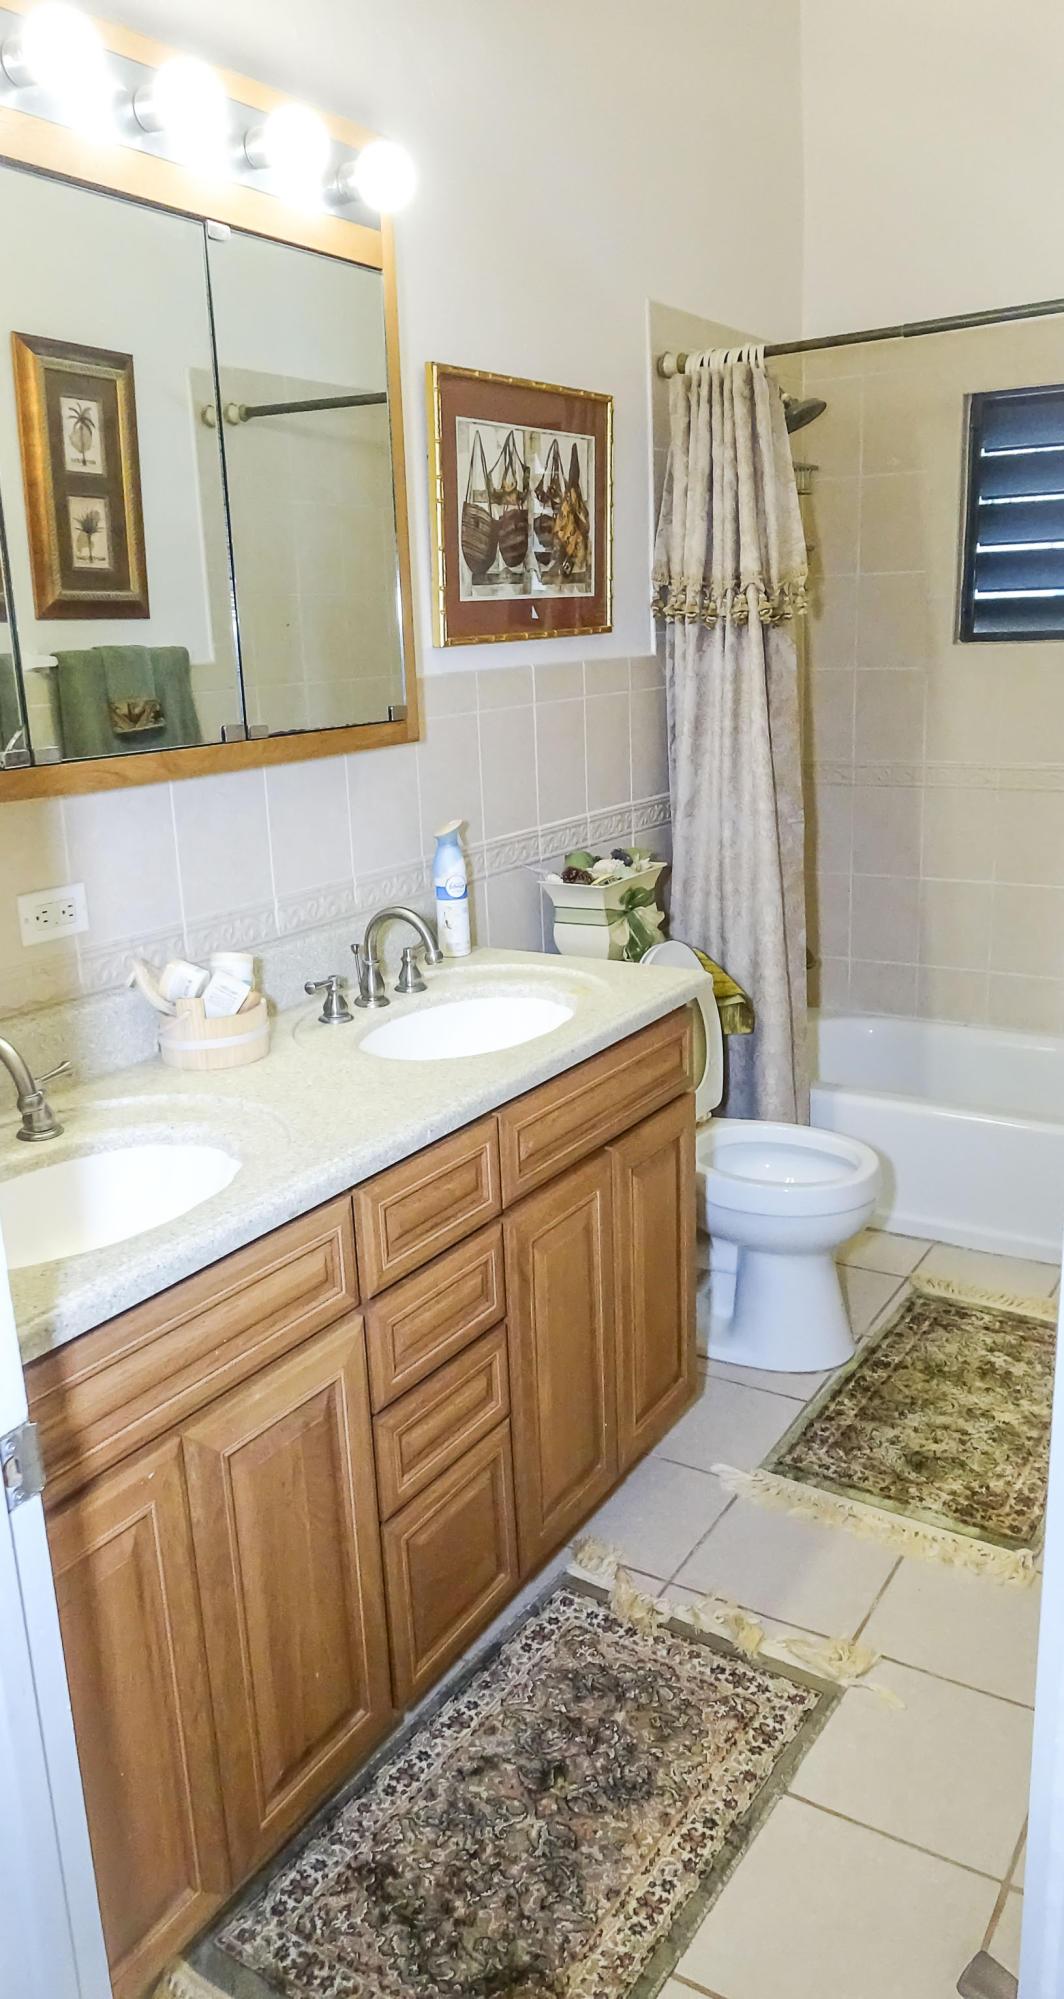 25-Bathroom 2-1